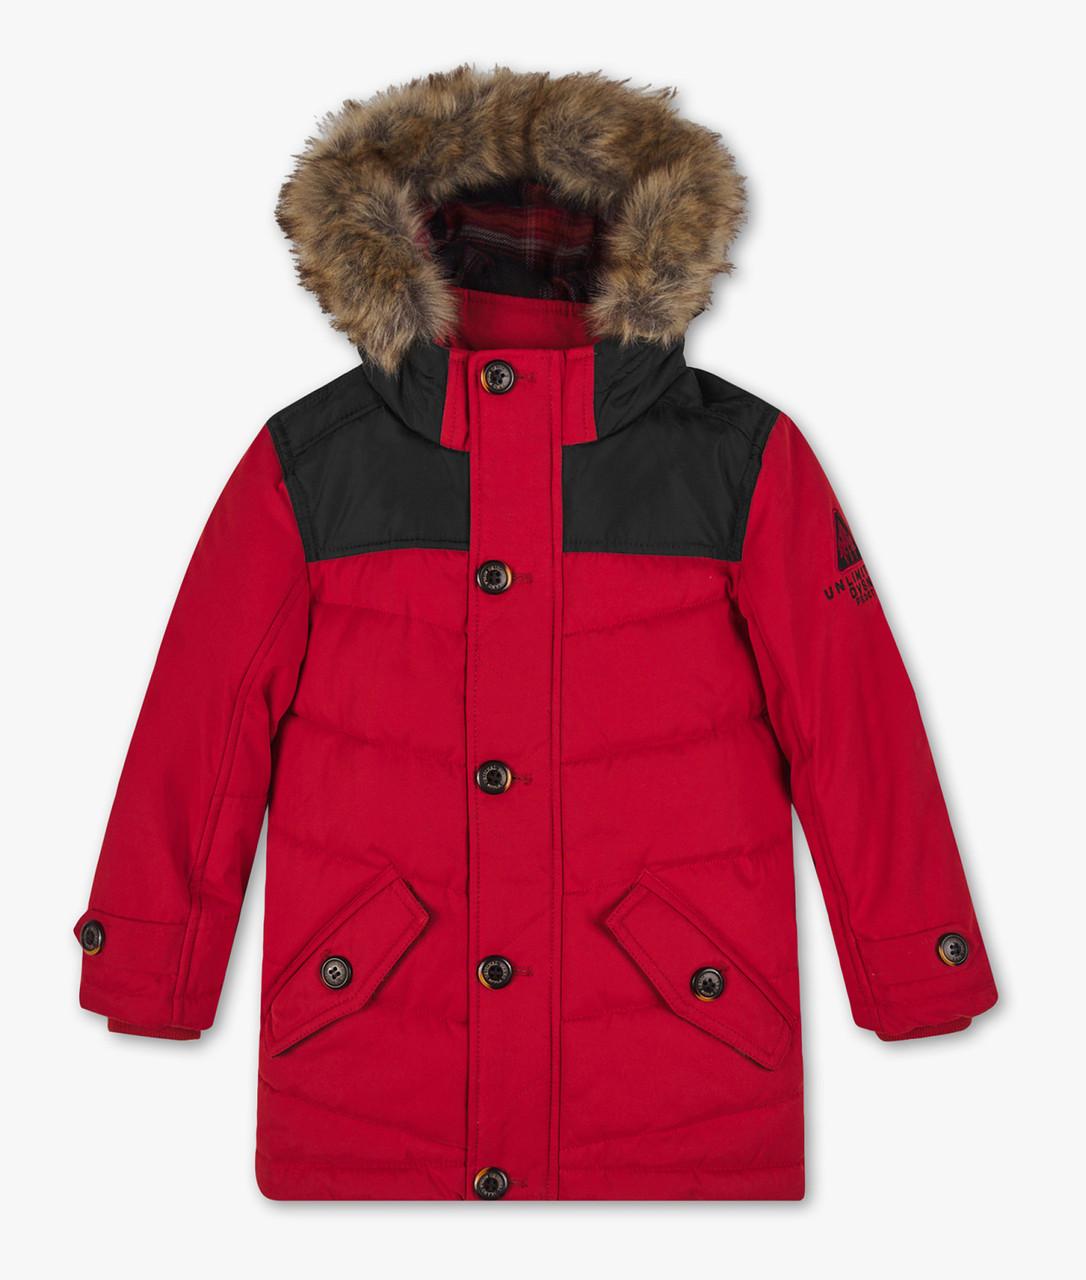 Детская зимняя куртка для мальчика C&A Германия Размер 98, 104, 110, 122, 128